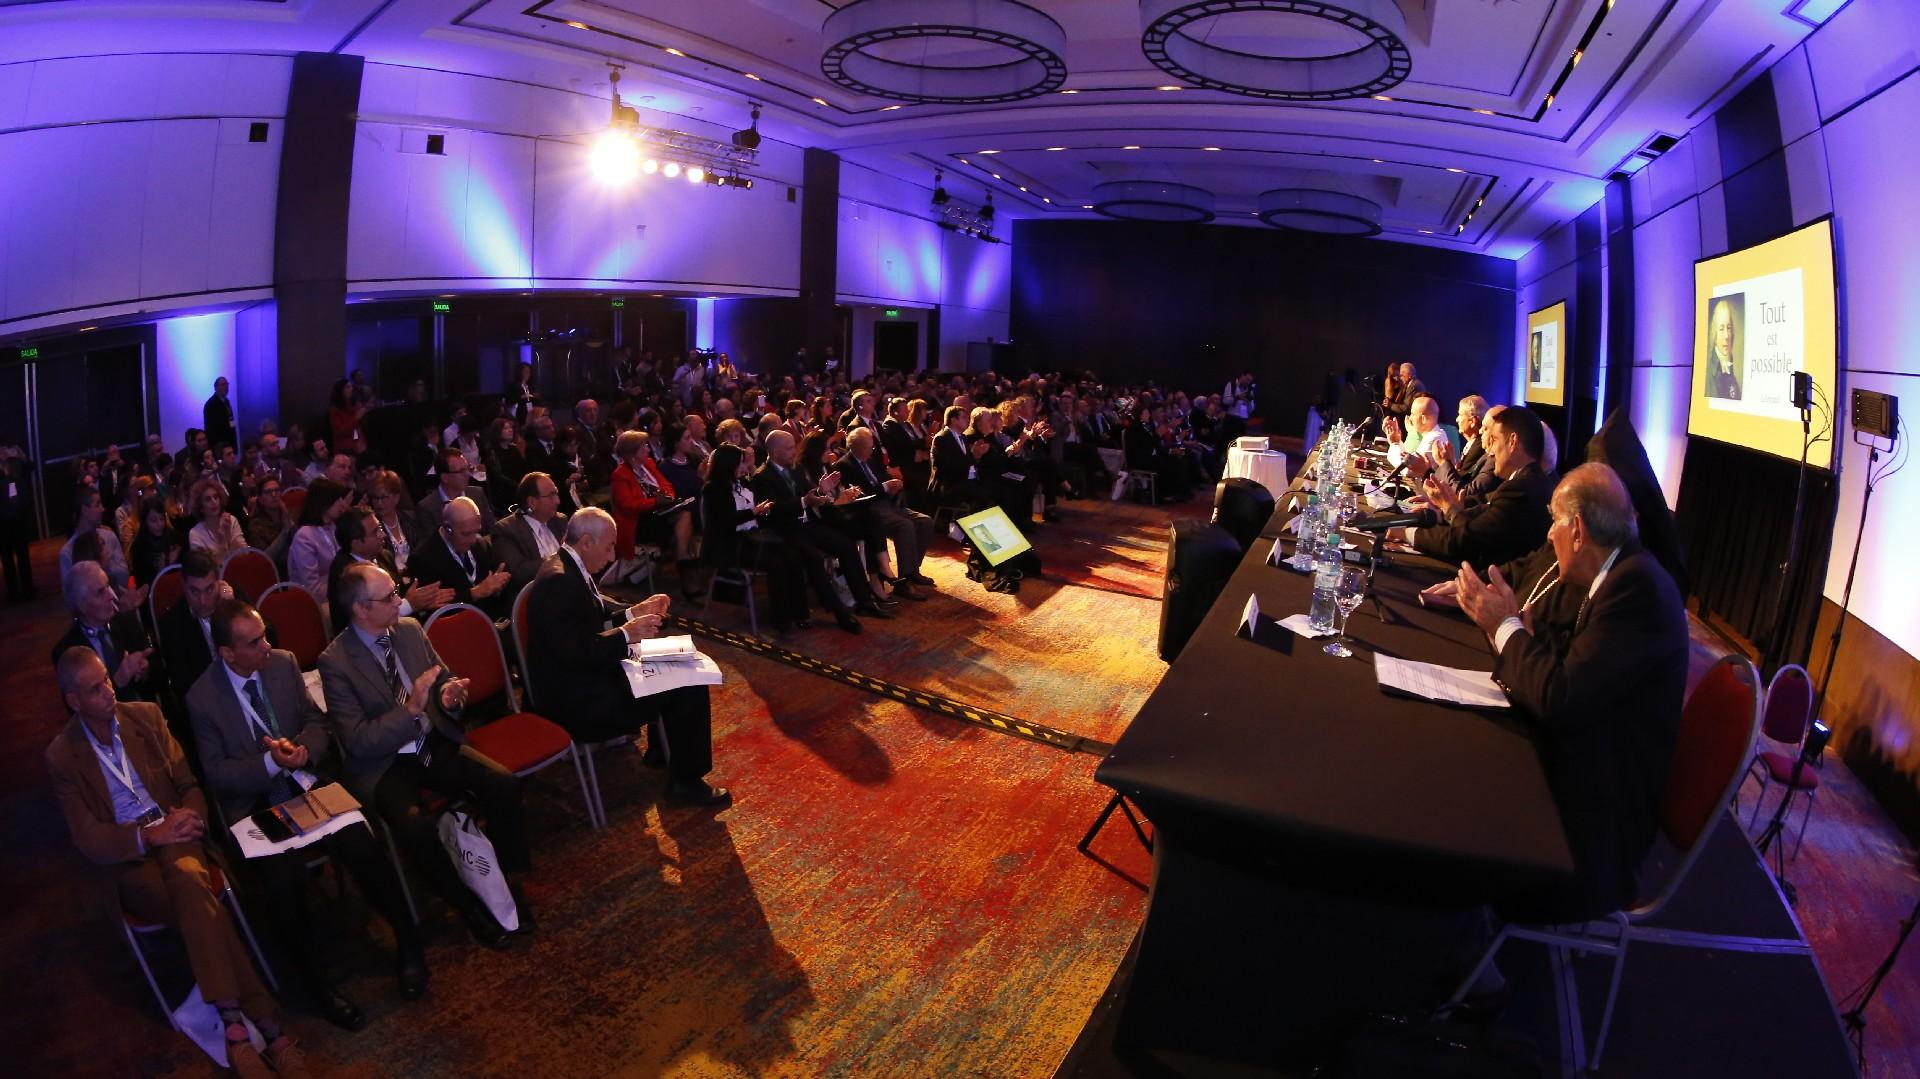 Durante la tarde del miércolesse celebró la inauguración del congreso con la exposición de los principales conferencistas y una sala colmada